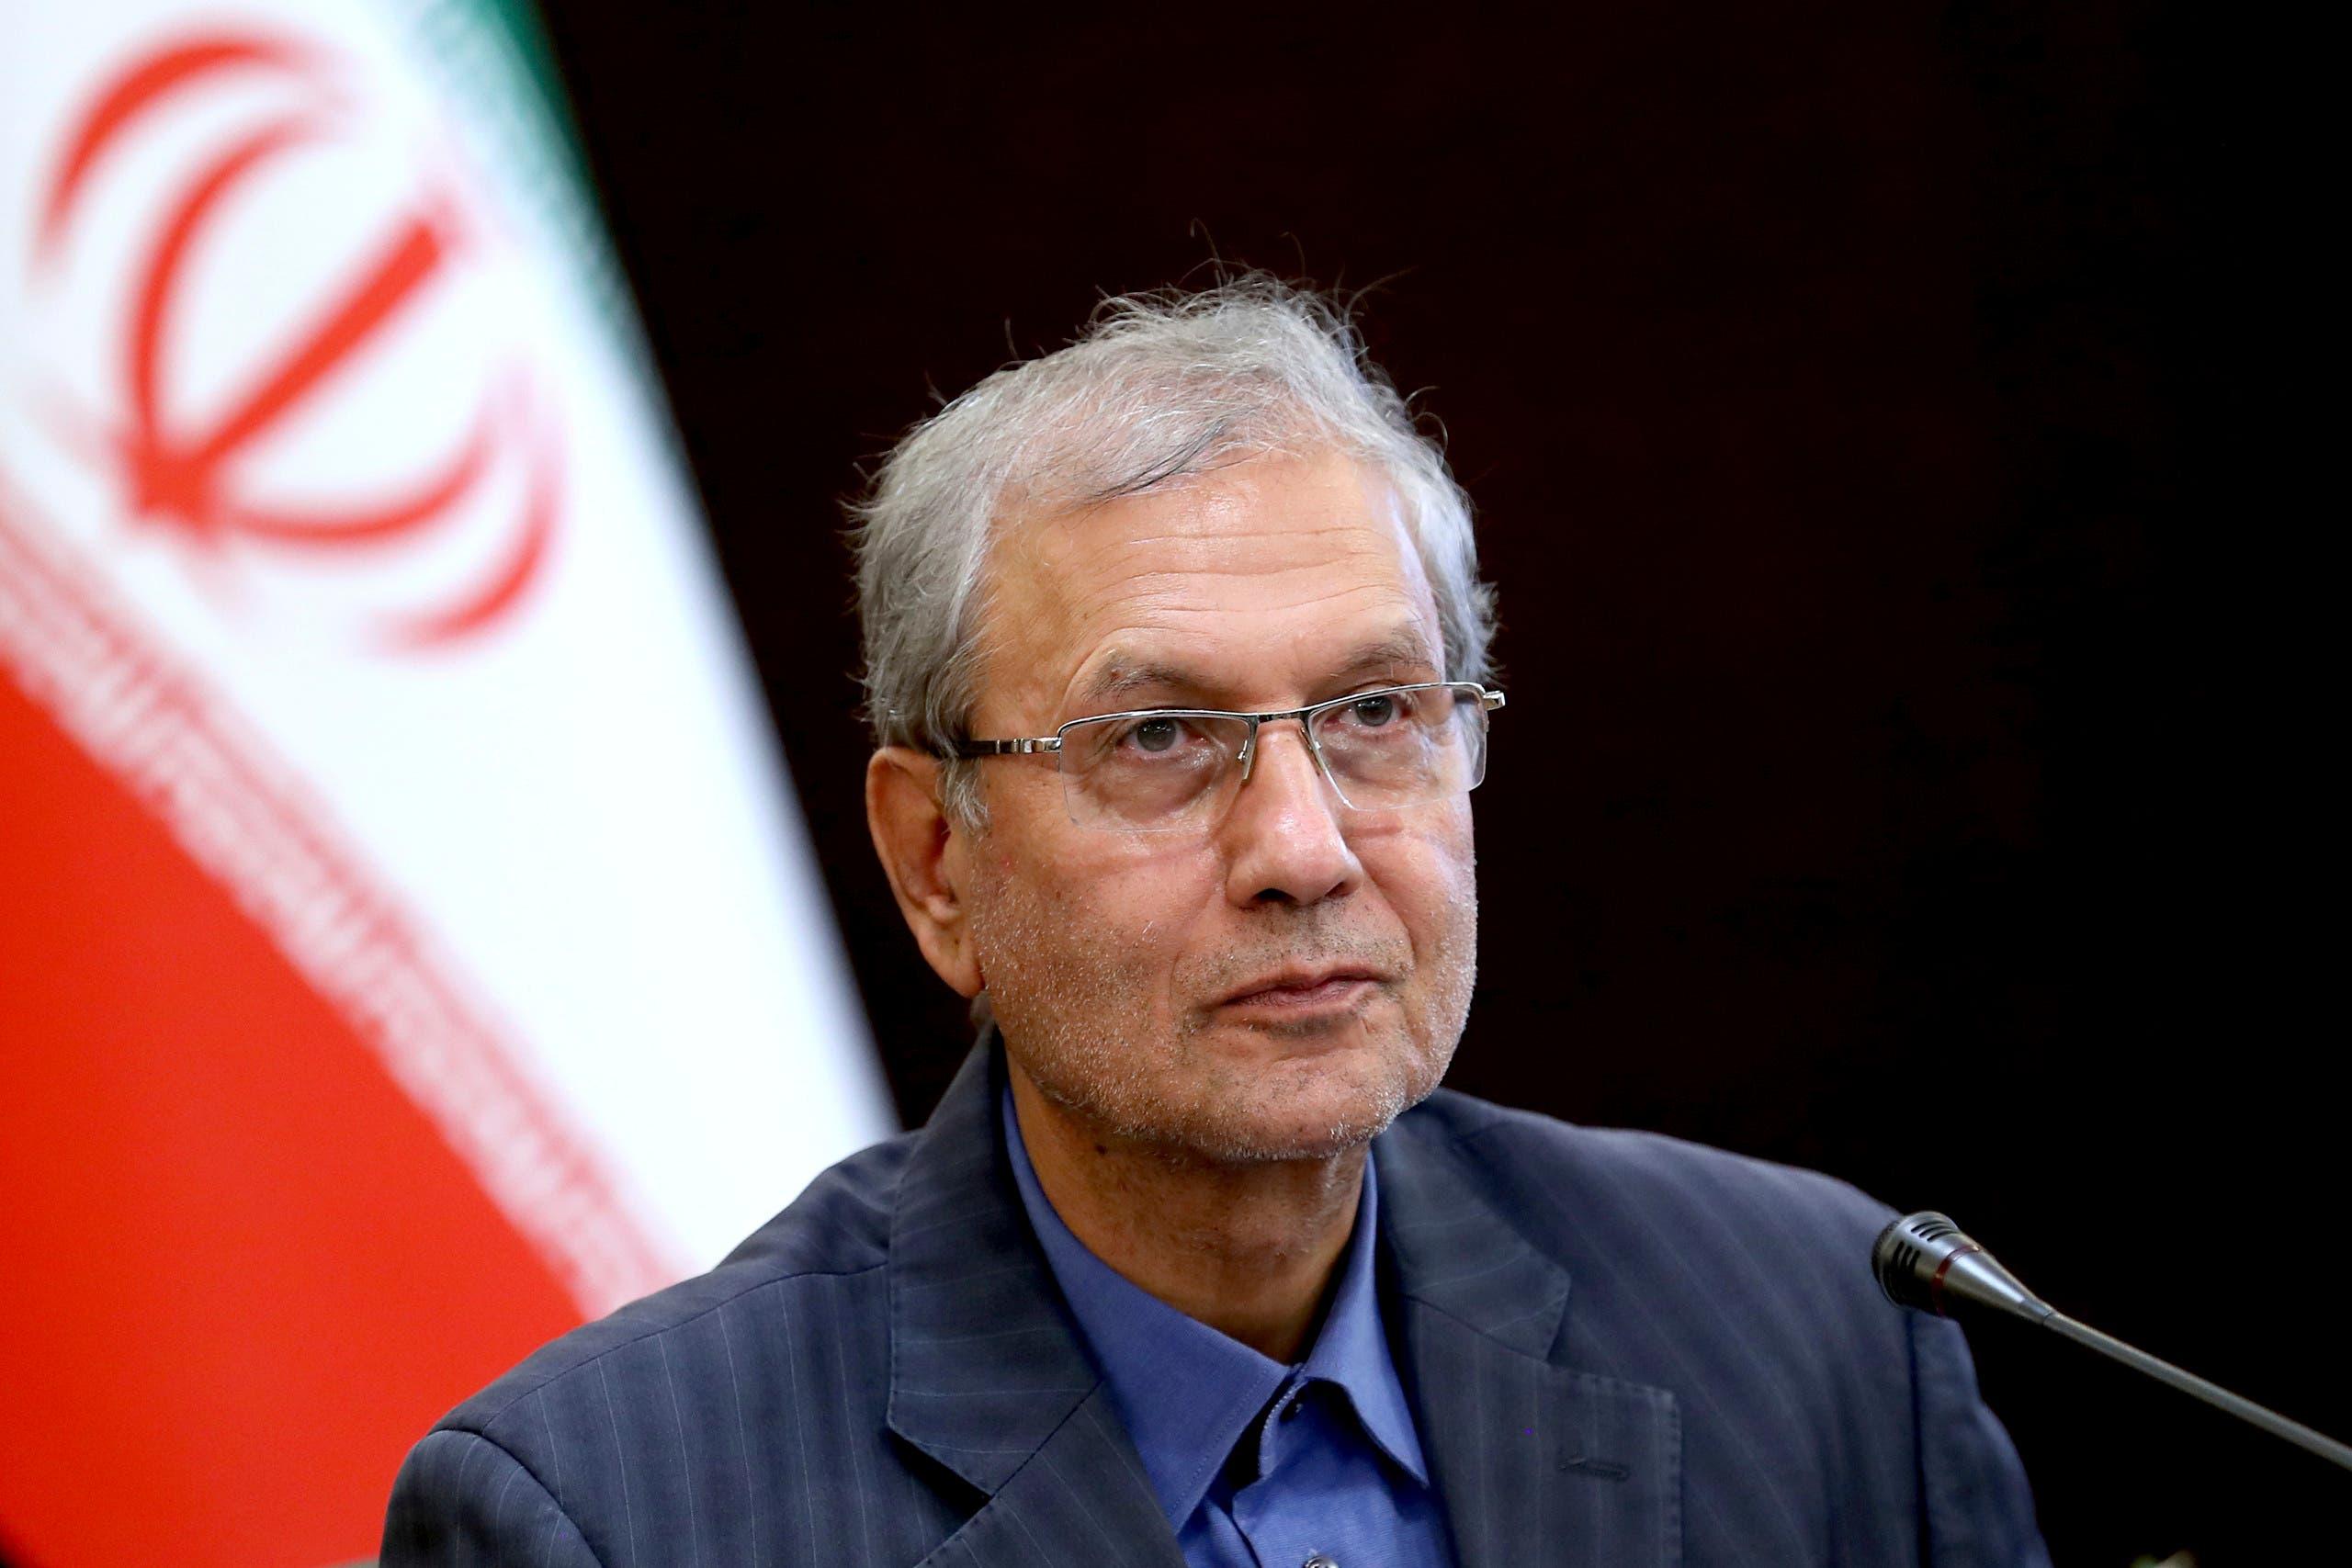 Iran's government spokesman Ali Rabiei speaks in a press briefing in Tehran, Iran. (File Photo: AP)